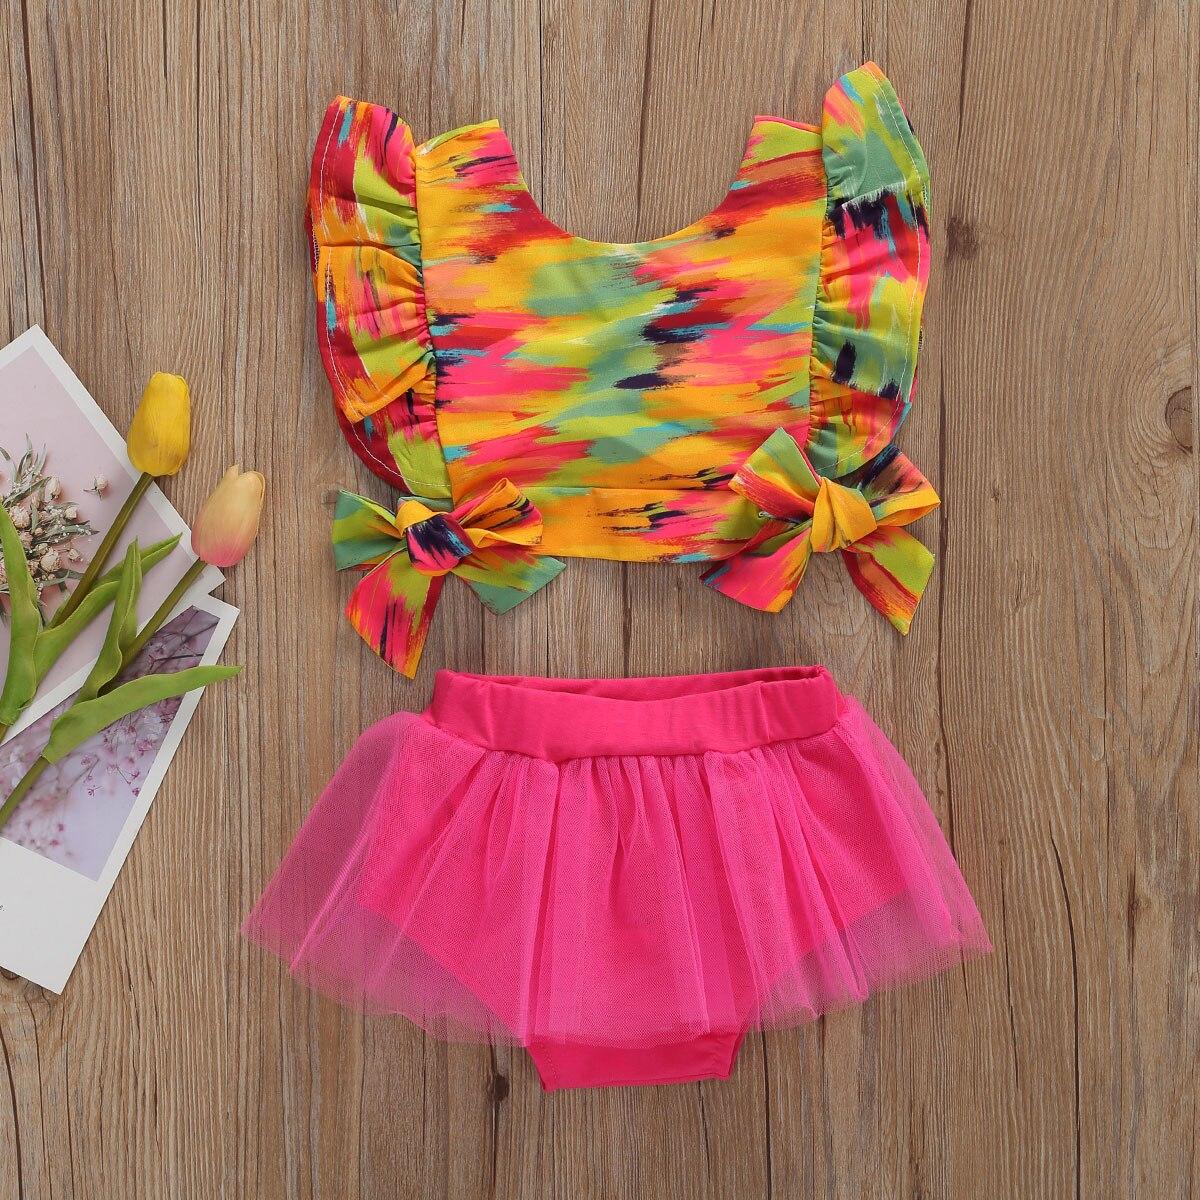 Emmababy, conjuntos de ropa de verano para bebés y niñas, camisetas de manga corta con estampado de camuflaje y volantes, conjunto de camisetas y pantalones cortos de 0 a 12M